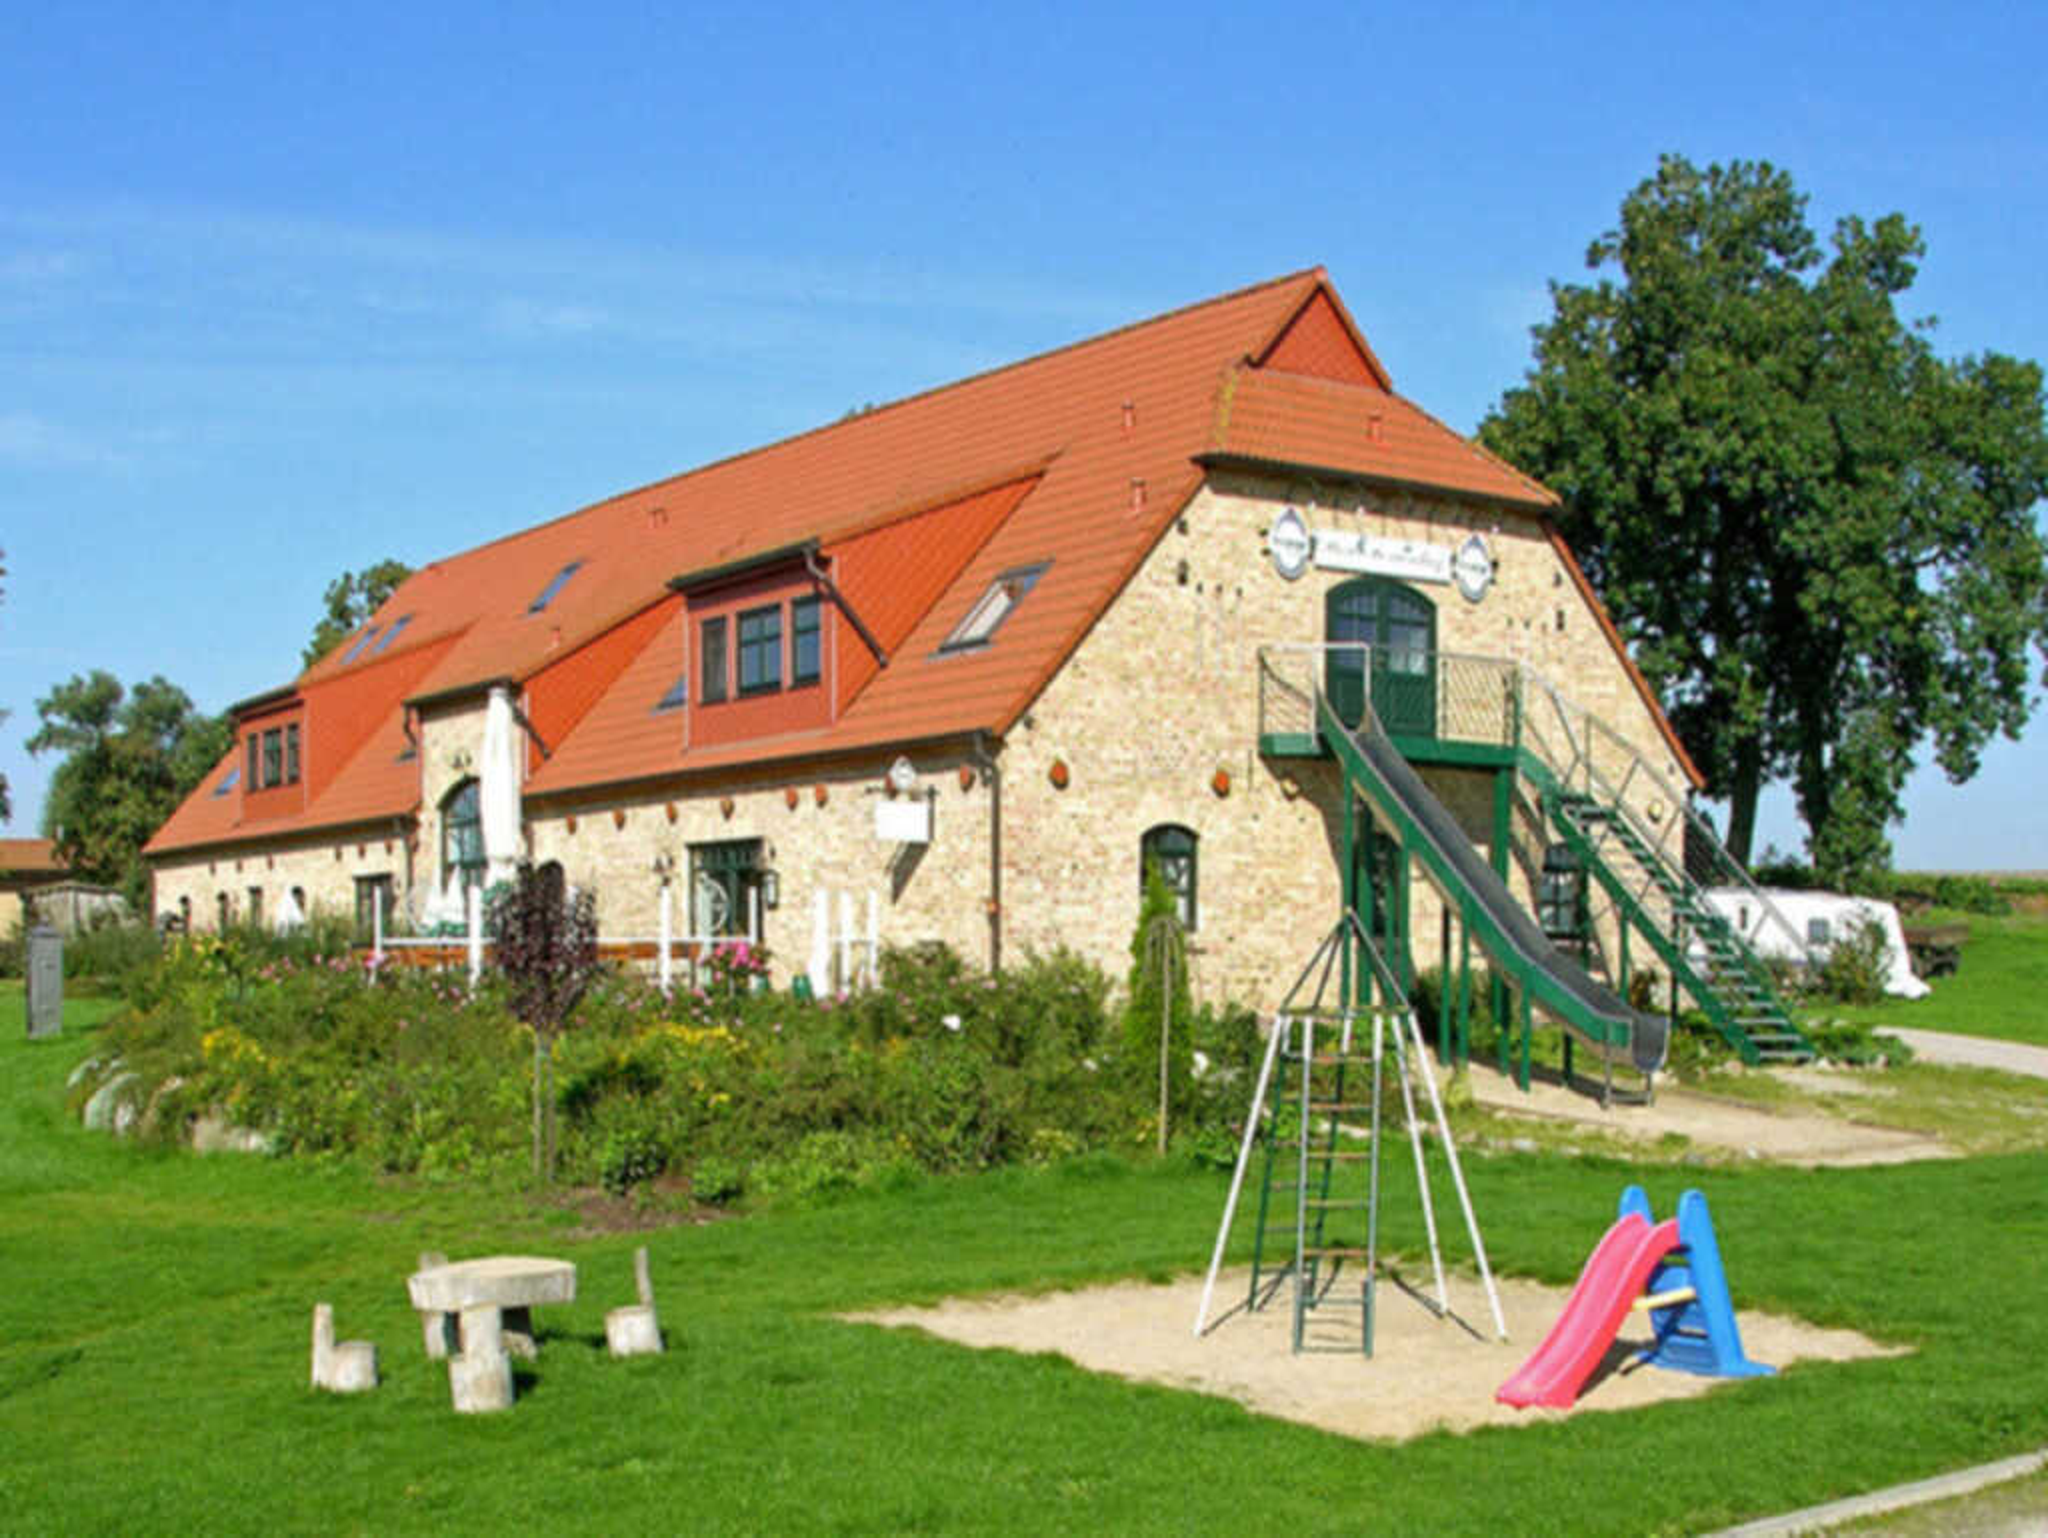 Ferienhof auf Rügen, 01 Ferienwohnung